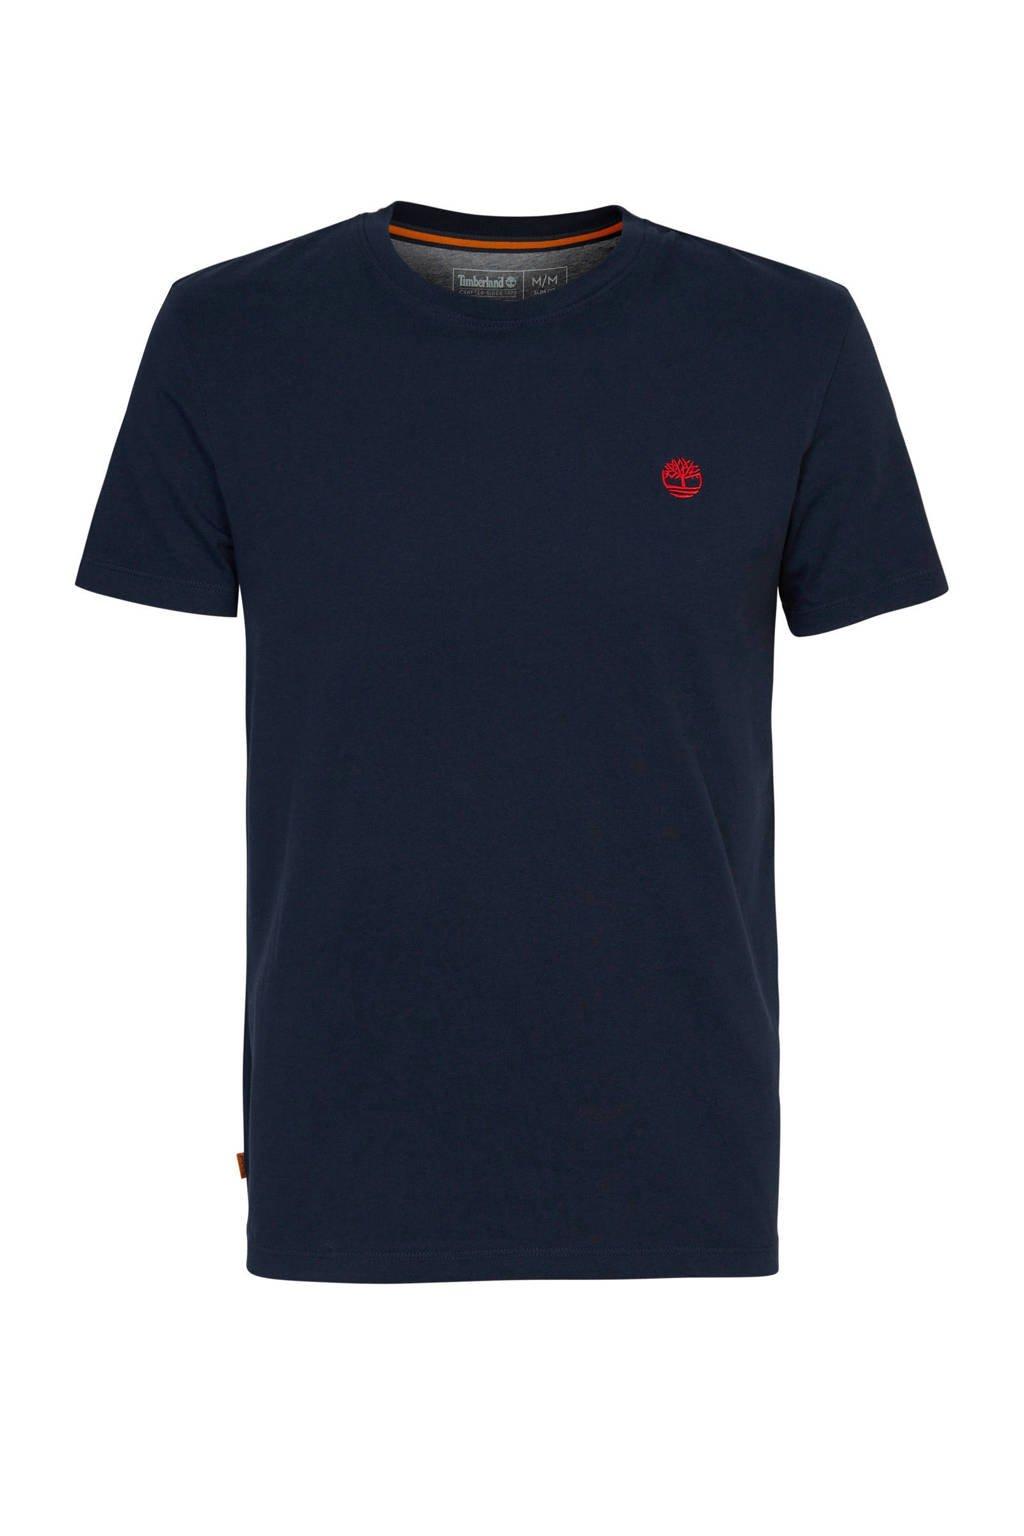 Timberland T-shirt donkerblauw, Donkerblauw